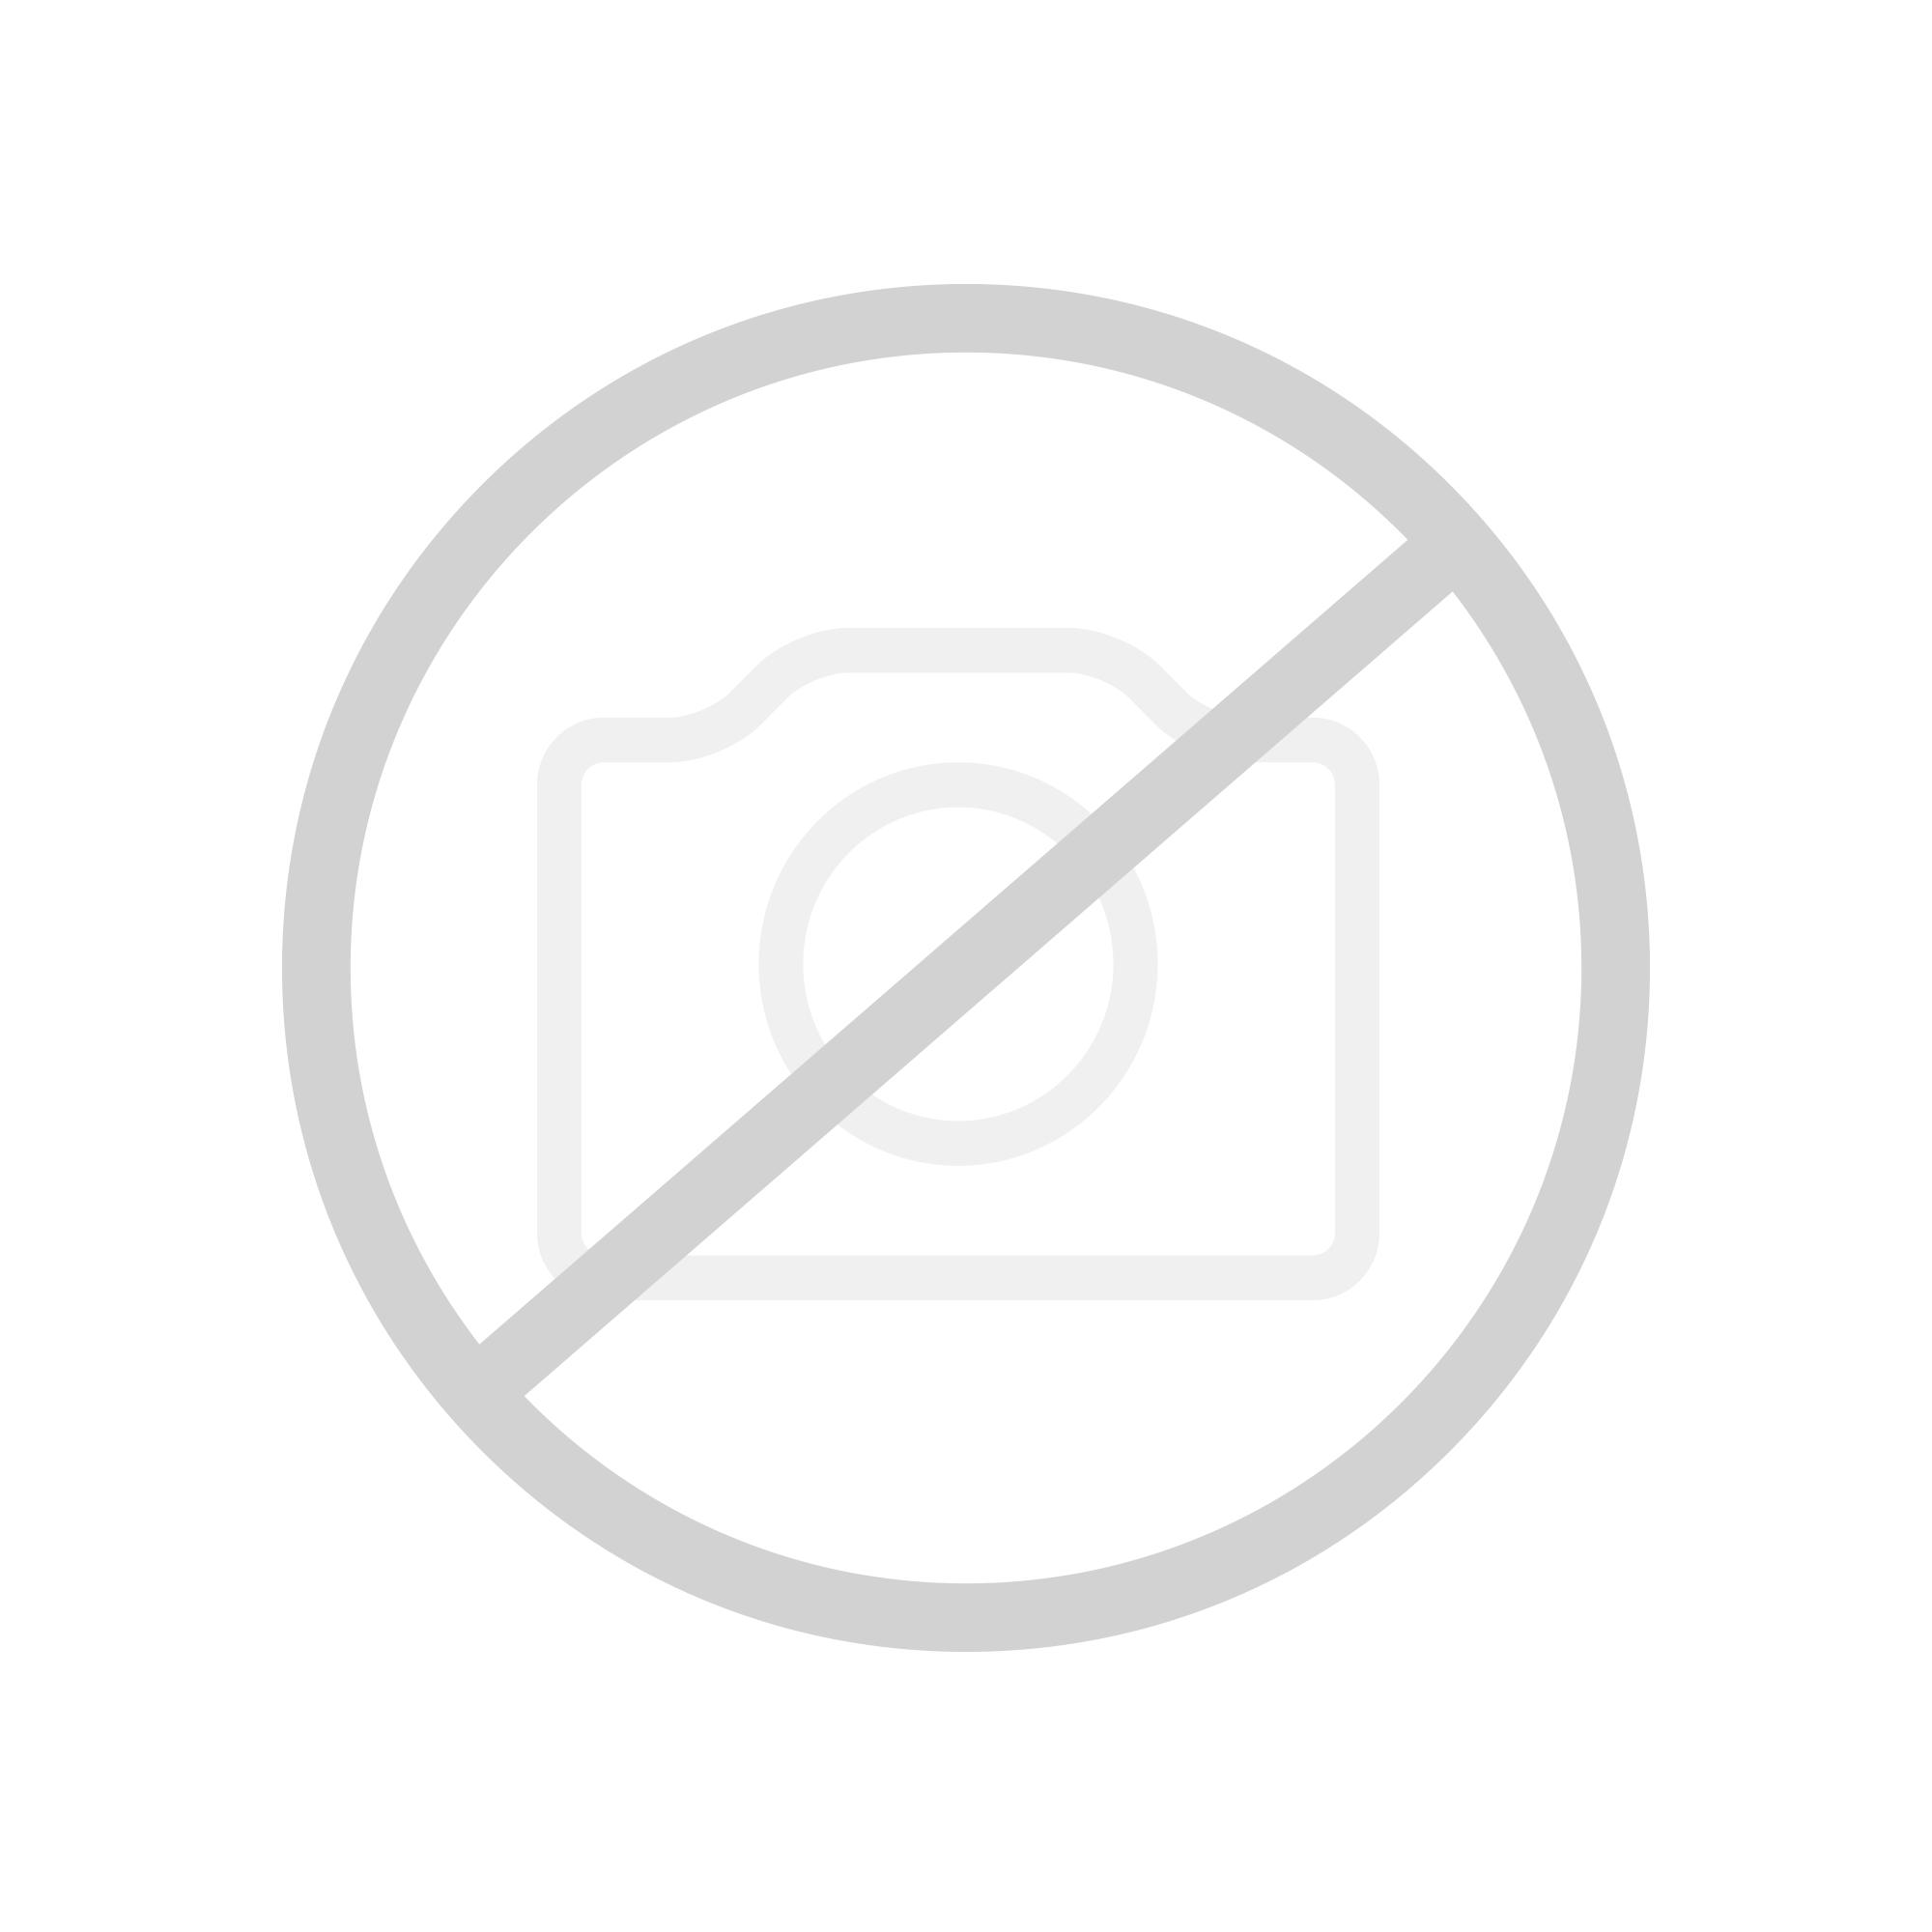 Grohe Eurodisc Cosmopolitan Einhand-Waschtischbatterie, M-Size mit Ablaufgarnitur